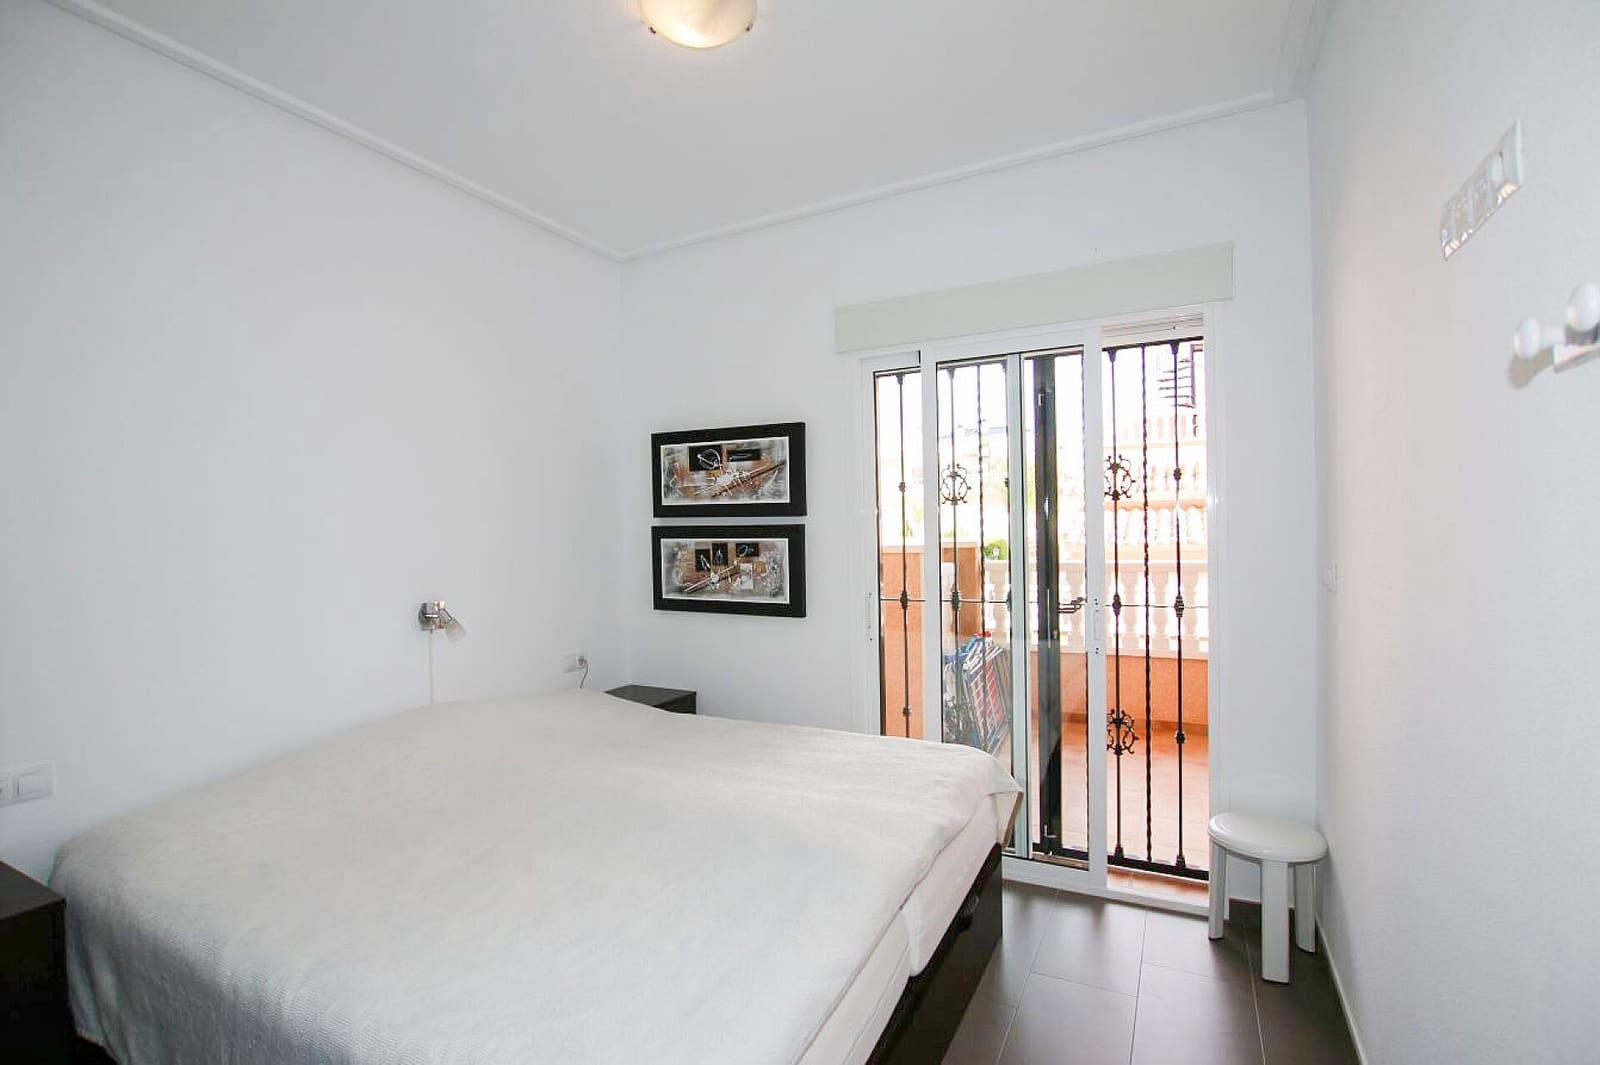 2 makuuhuone Huoneisto myytävänä paikassa Orihuela Costa mukana uima-altaan  autotalli - 149 000 € (Ref: 5903814)